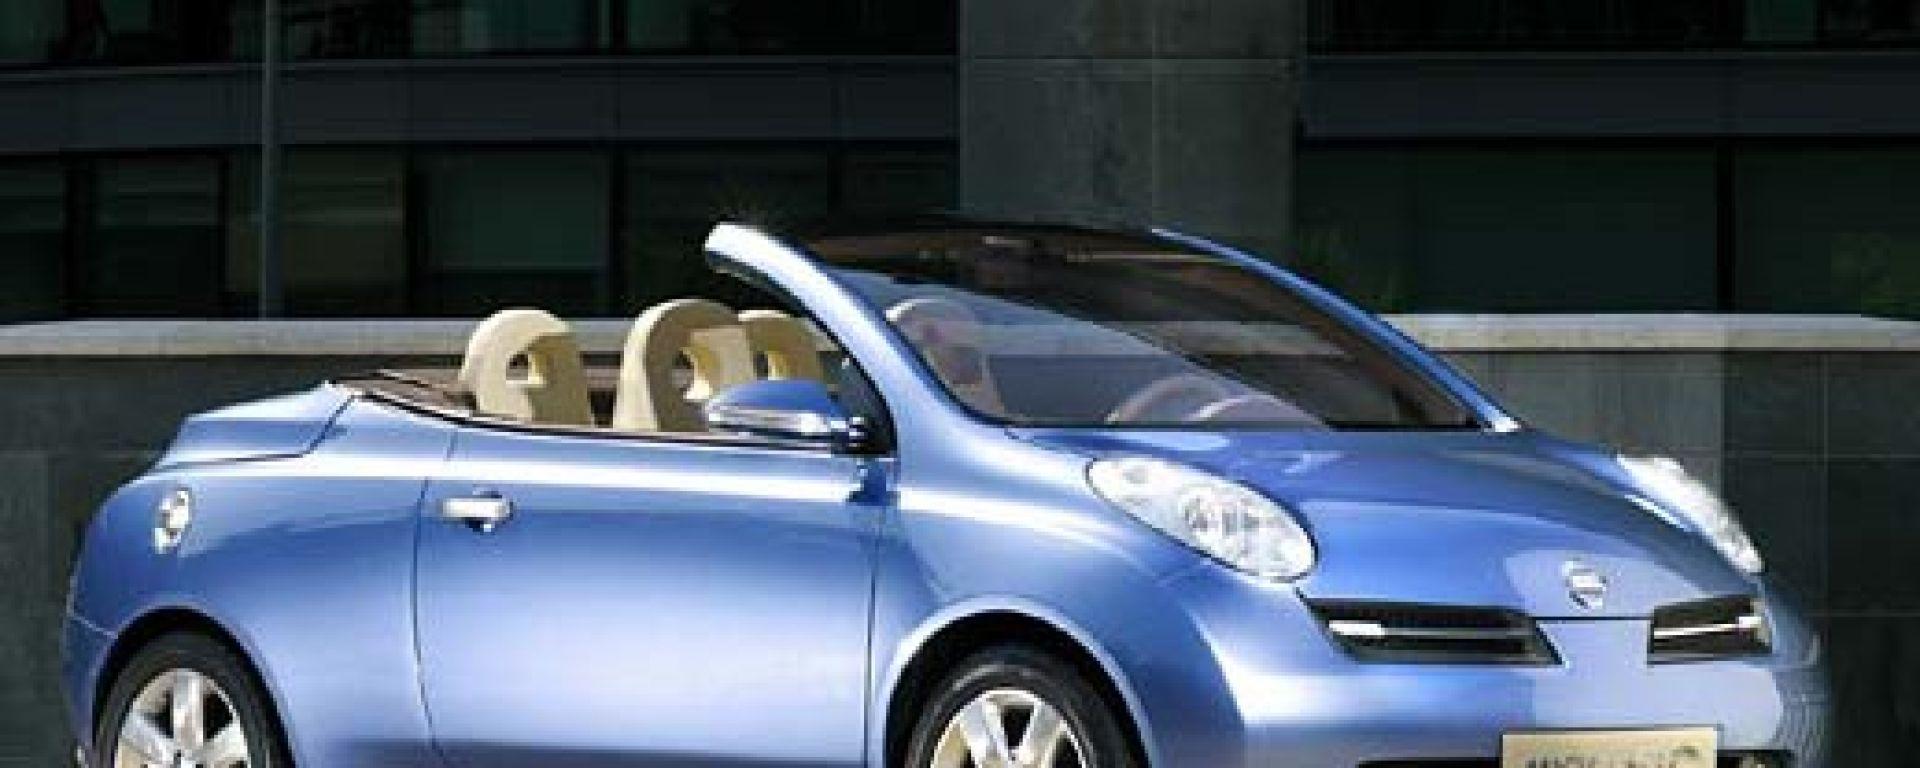 Nissan Micra C+C: quasi due anni per averla